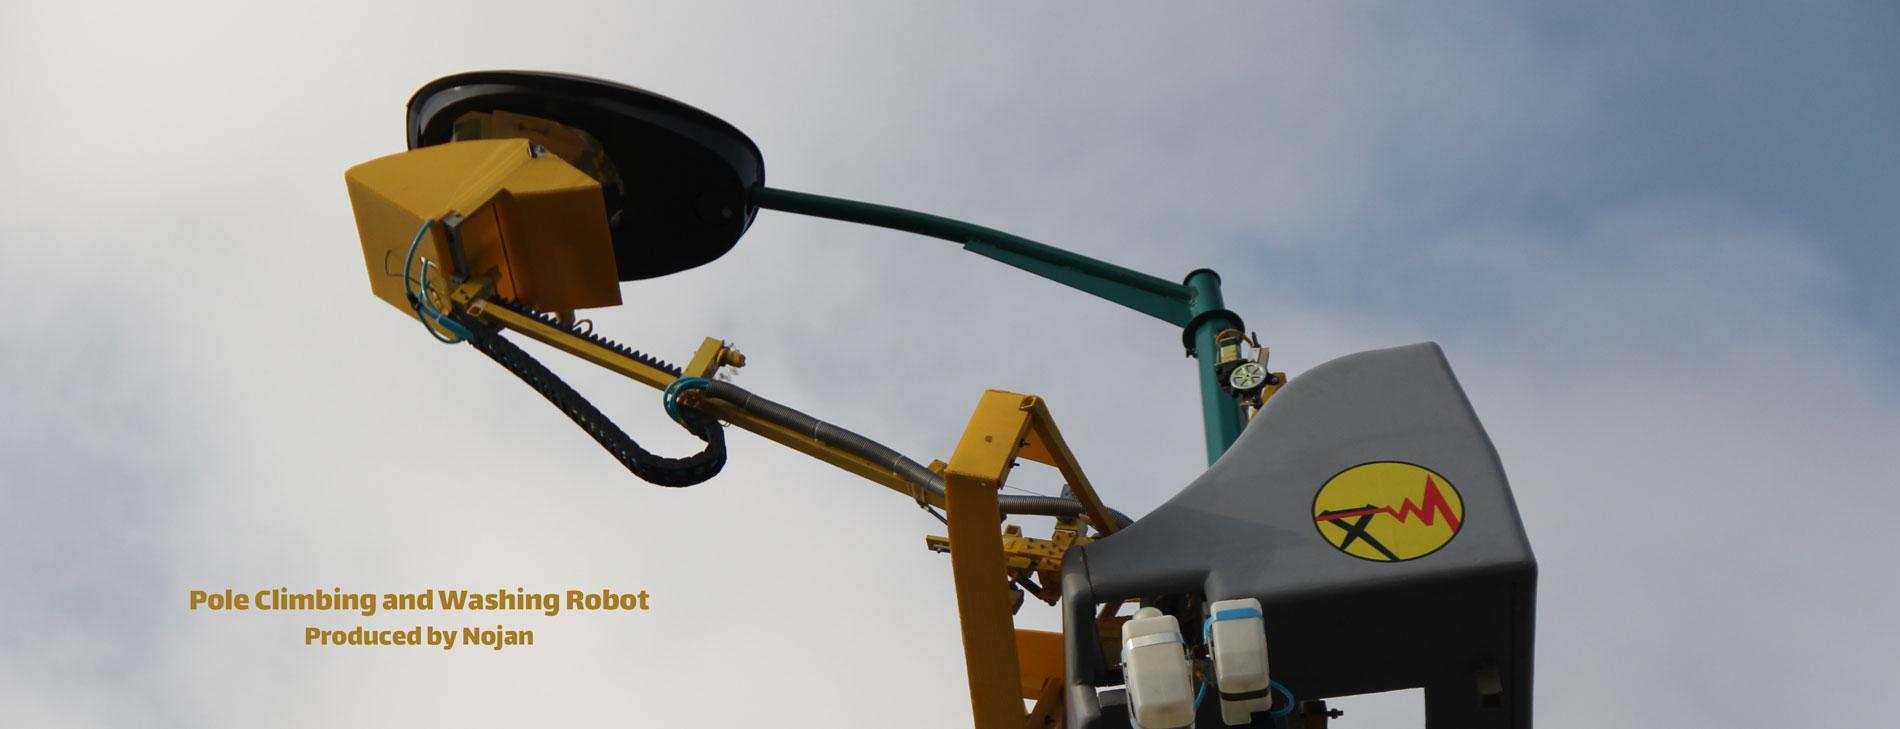 ربات بالارونده و شوینده